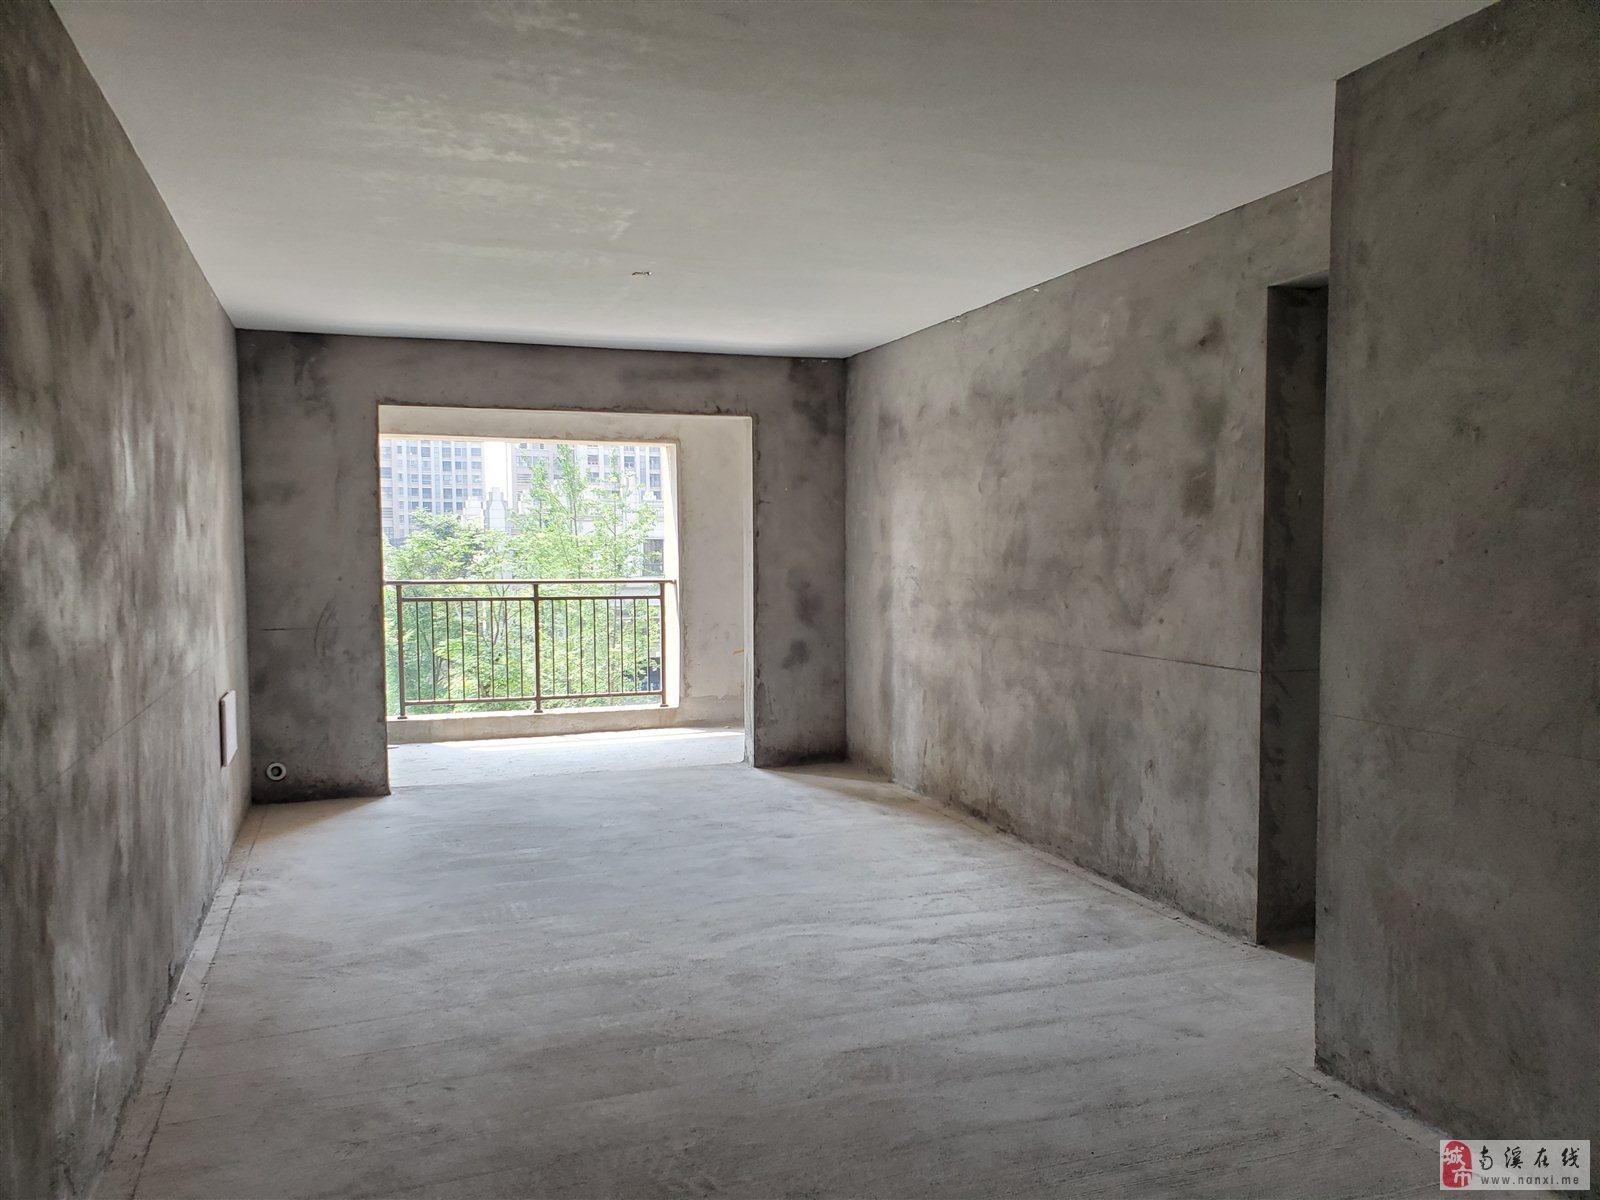 凤凰城 看小区中庭 户型采光完美 可以按揭 随时看房